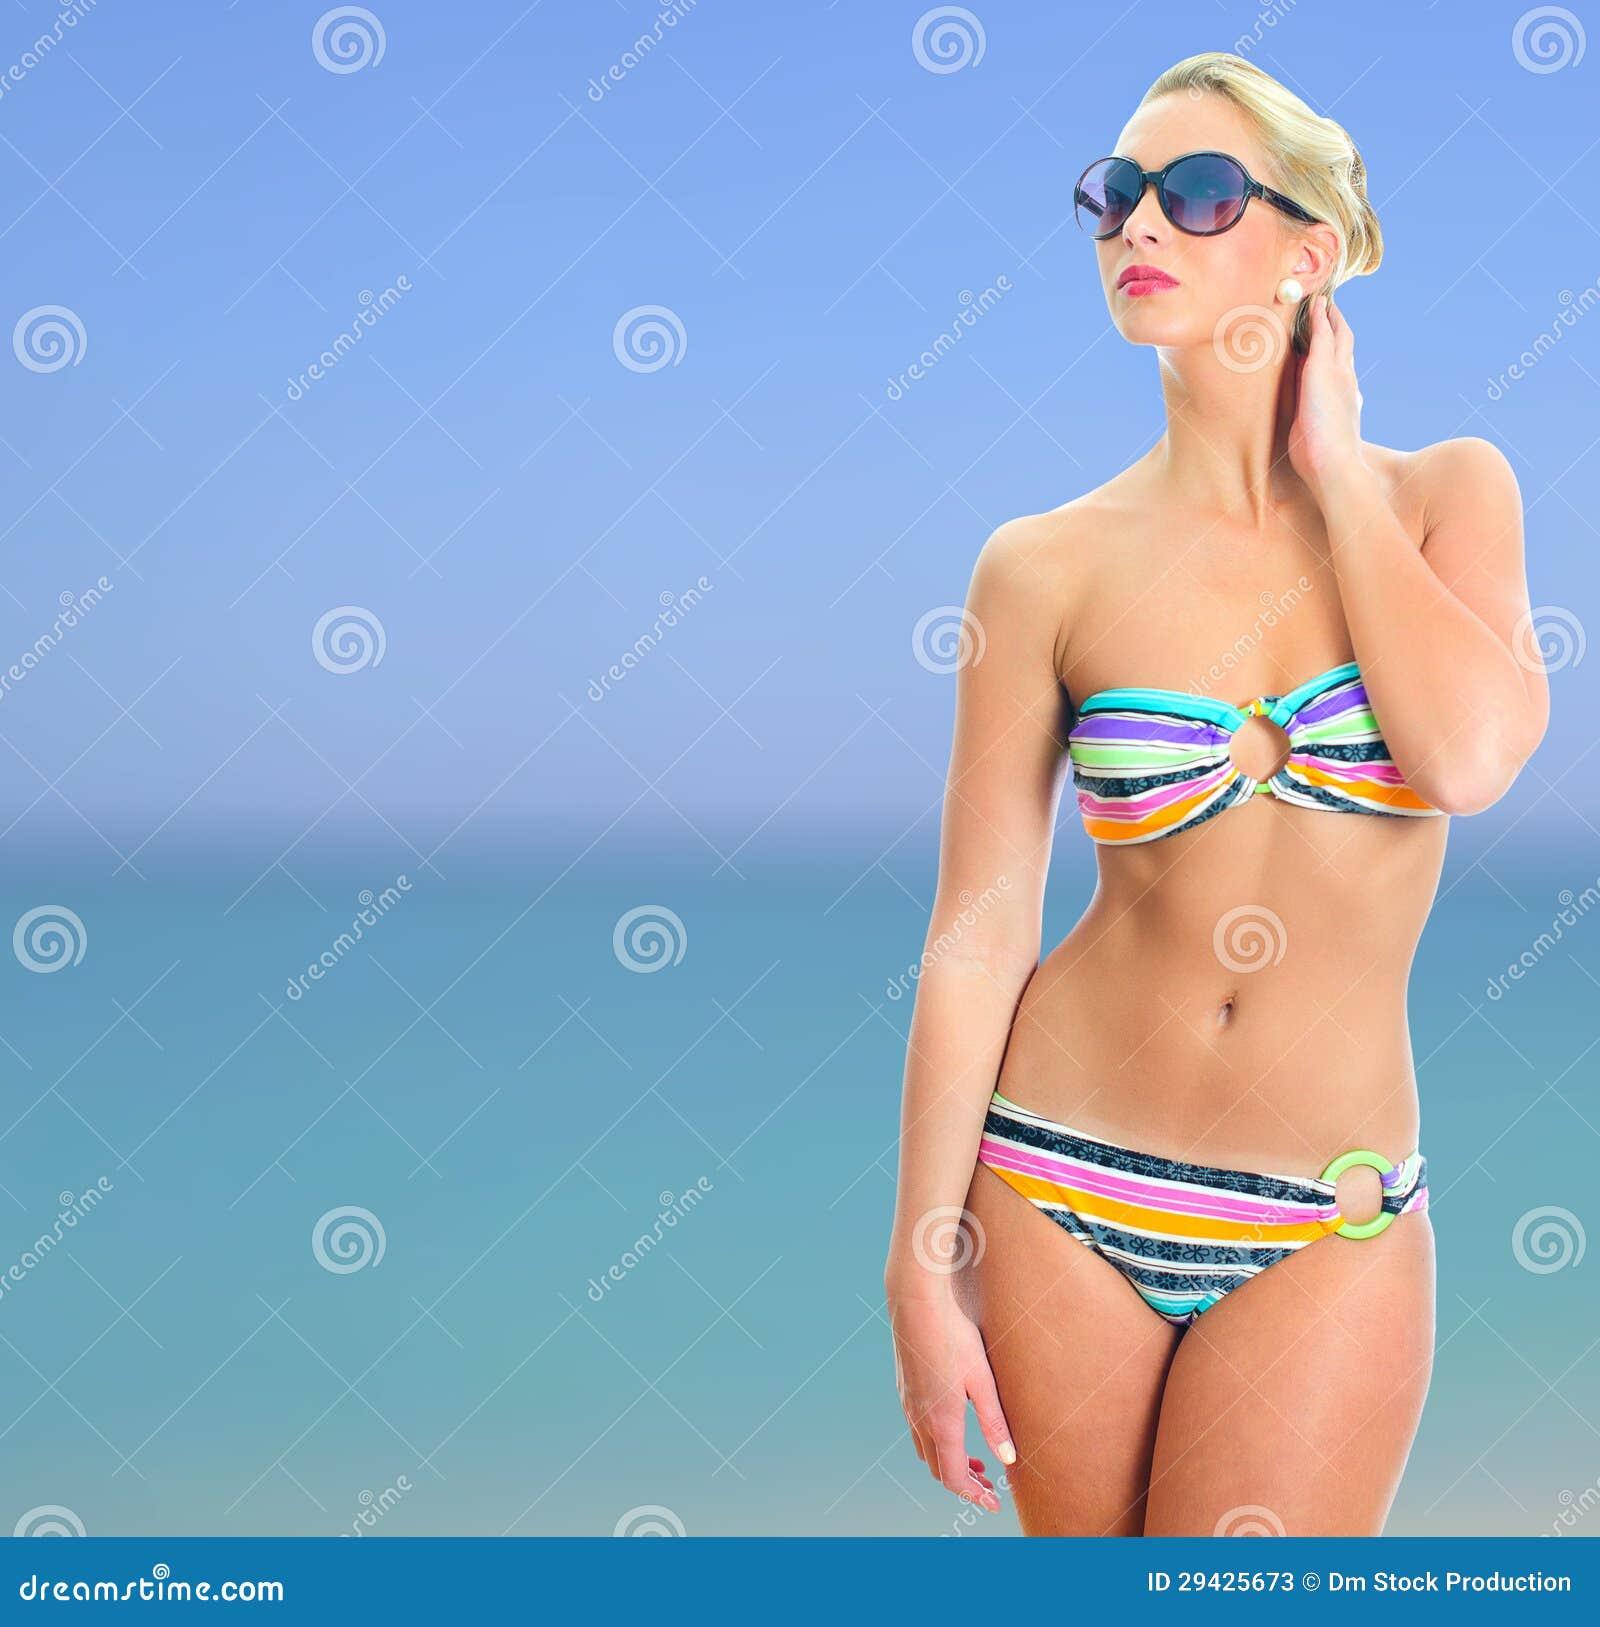 Ragazza Bionda In Bikini A Strisce Immagine Stock - Immagine di ragazza,  oceano: 29425673